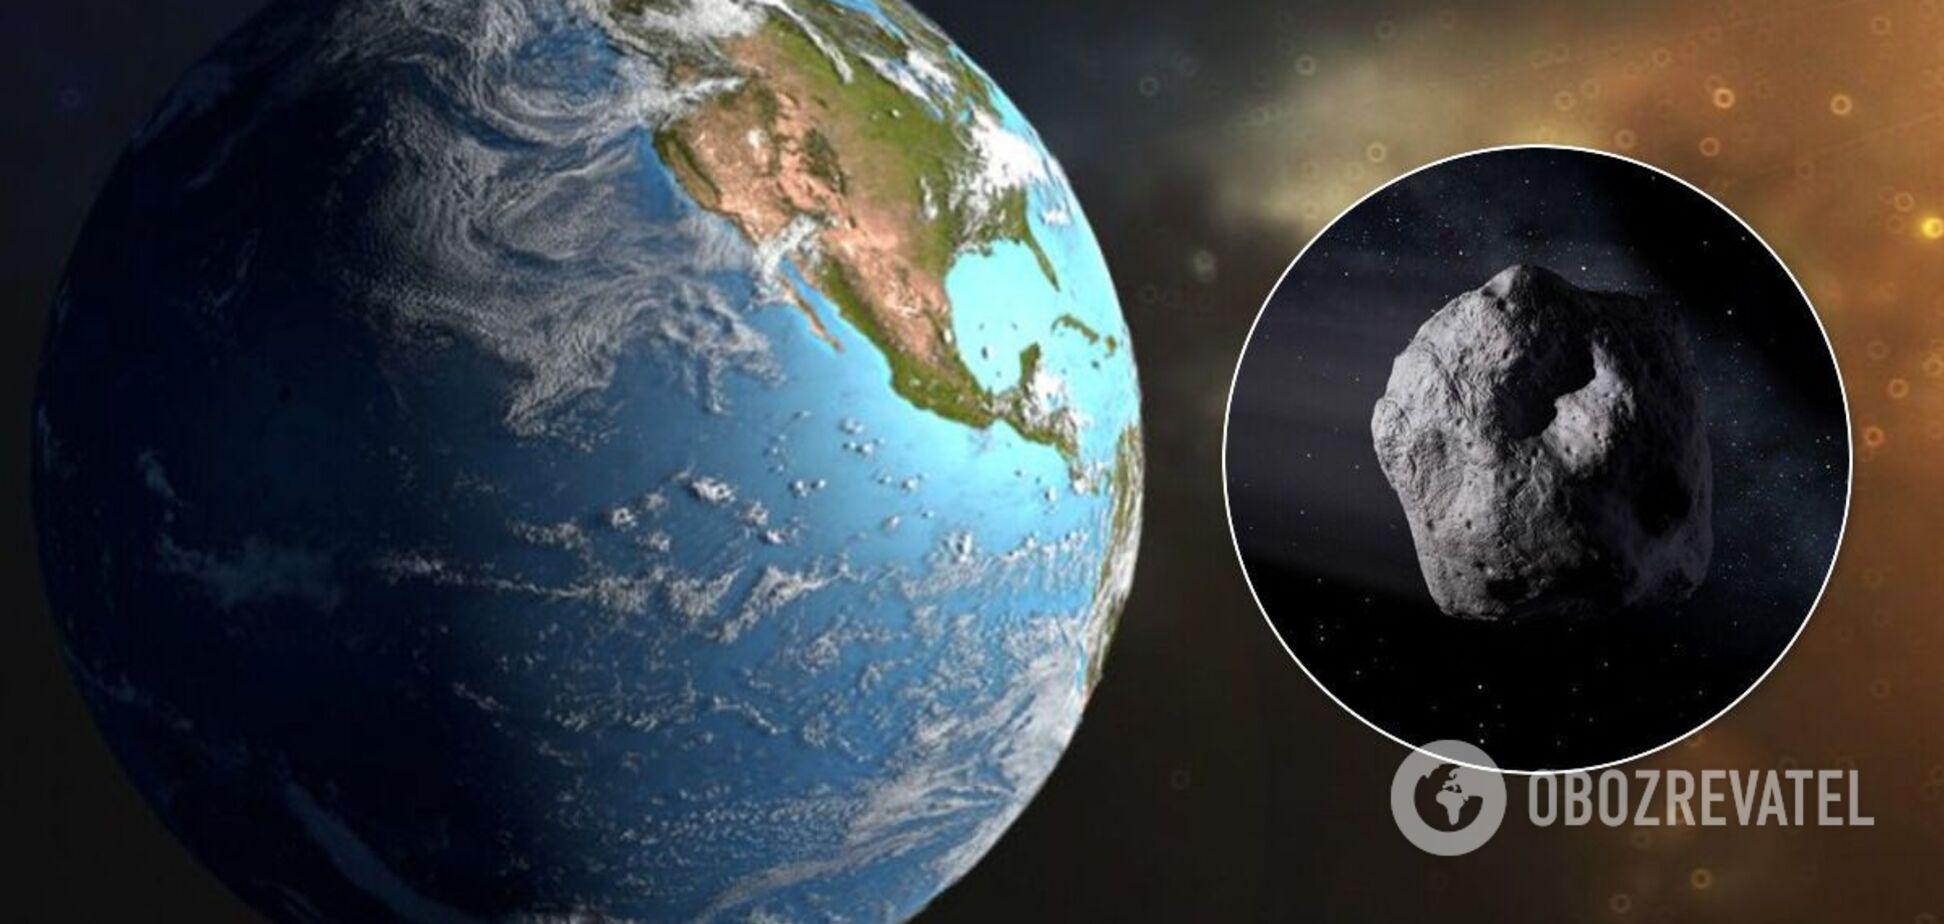 К Земле летит крупный астероид: названа дата 'встречи'